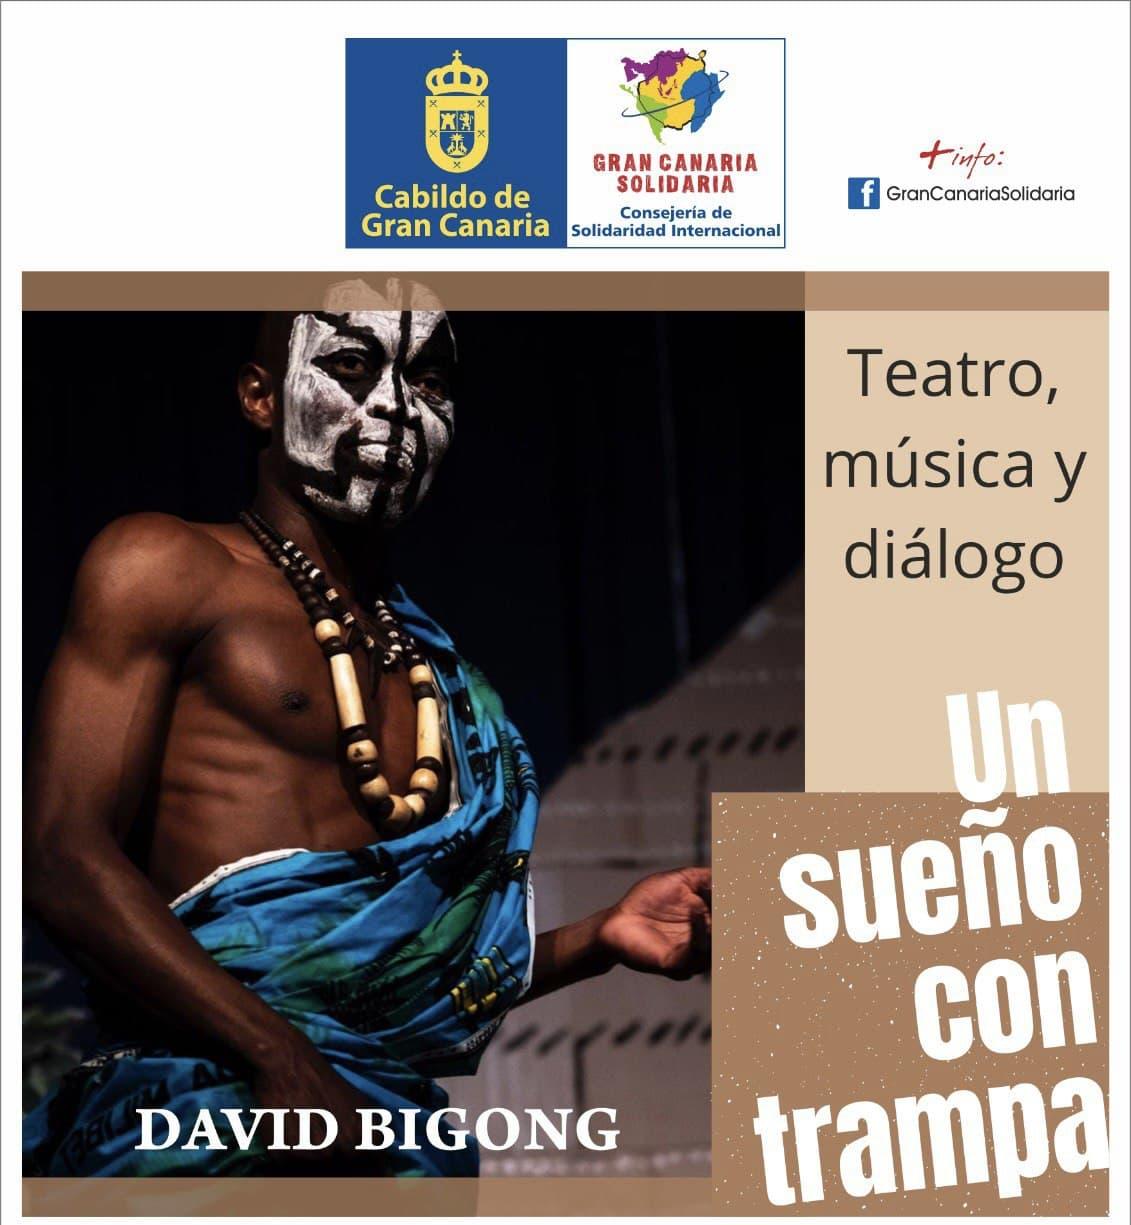 """David Bingong narra su """"Sueño con trampa"""" / CanariasNoticias.es"""